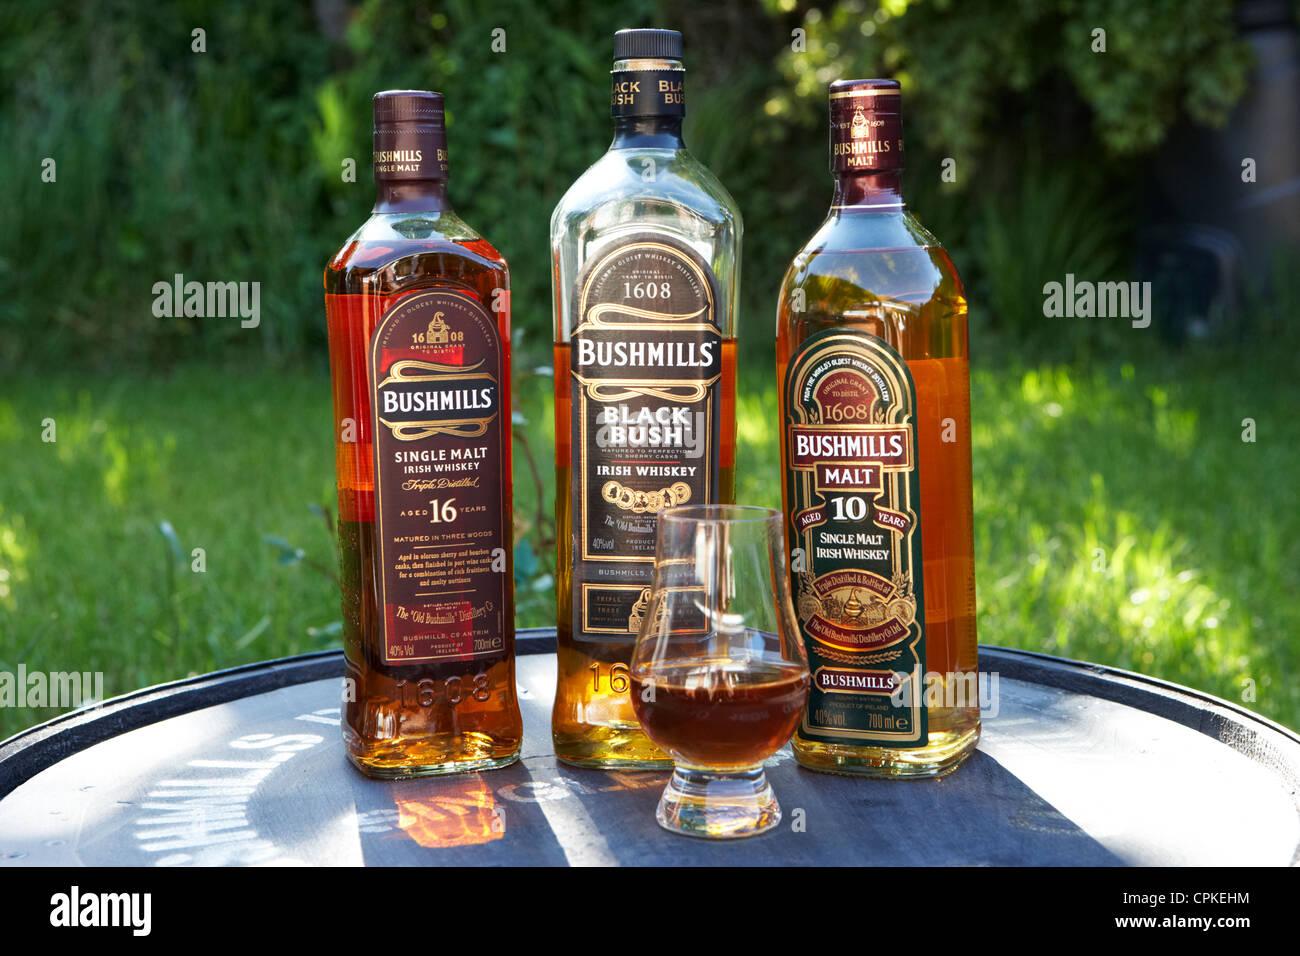 Selección de Bushmills Malt Whiskey irlandés condado de Antrim de Irlanda del Norte Imagen De Stock